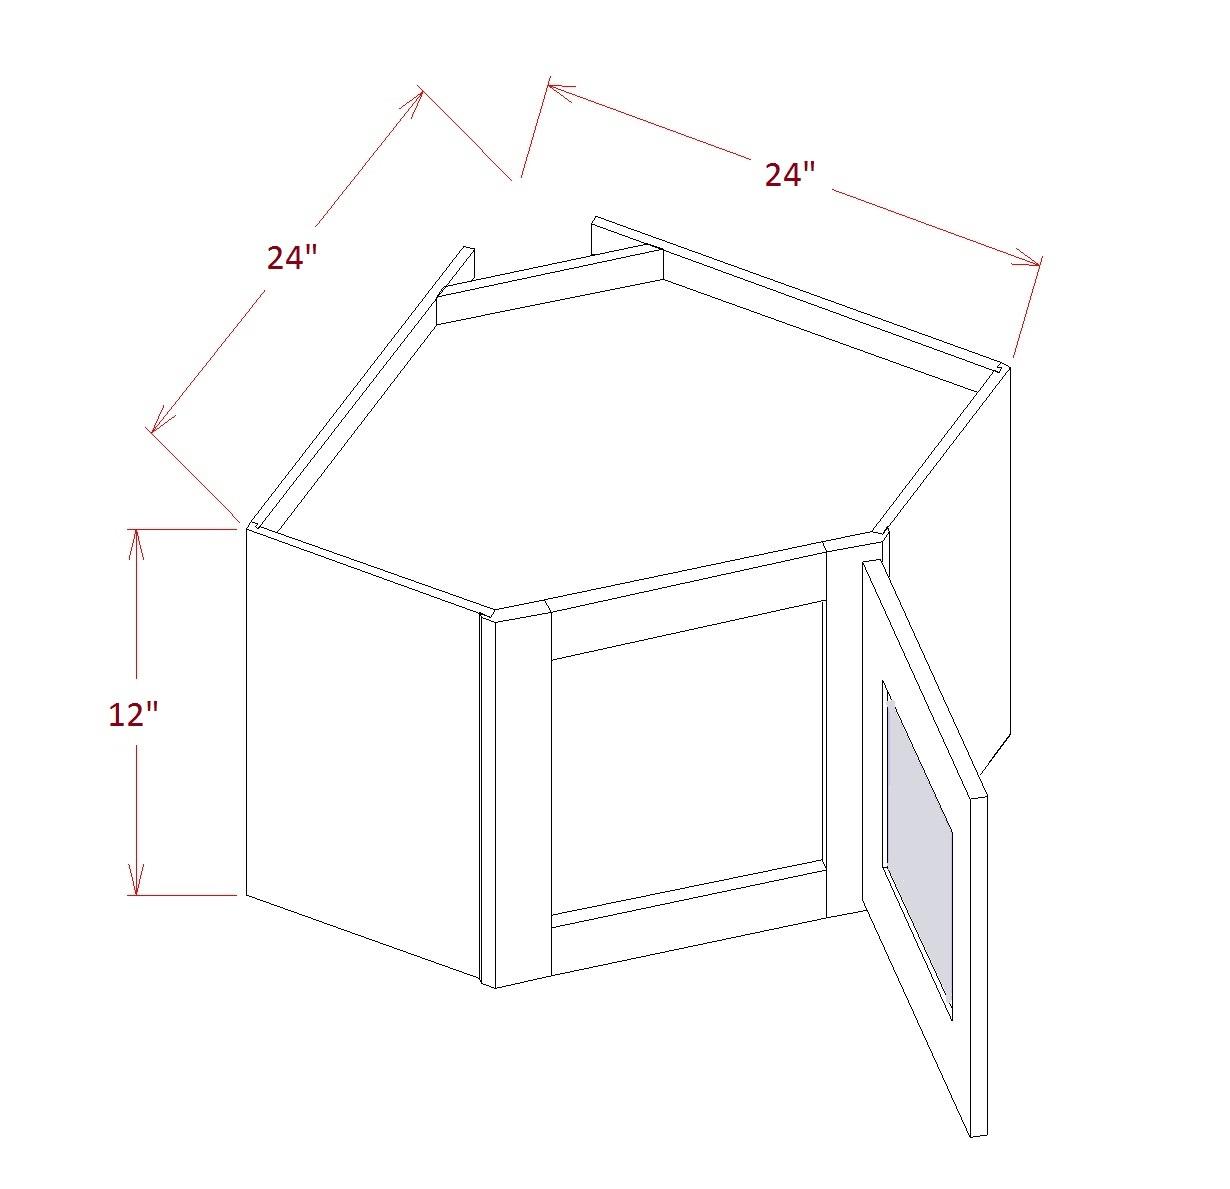 Diagonal Corner Stacker Wall Cabinets